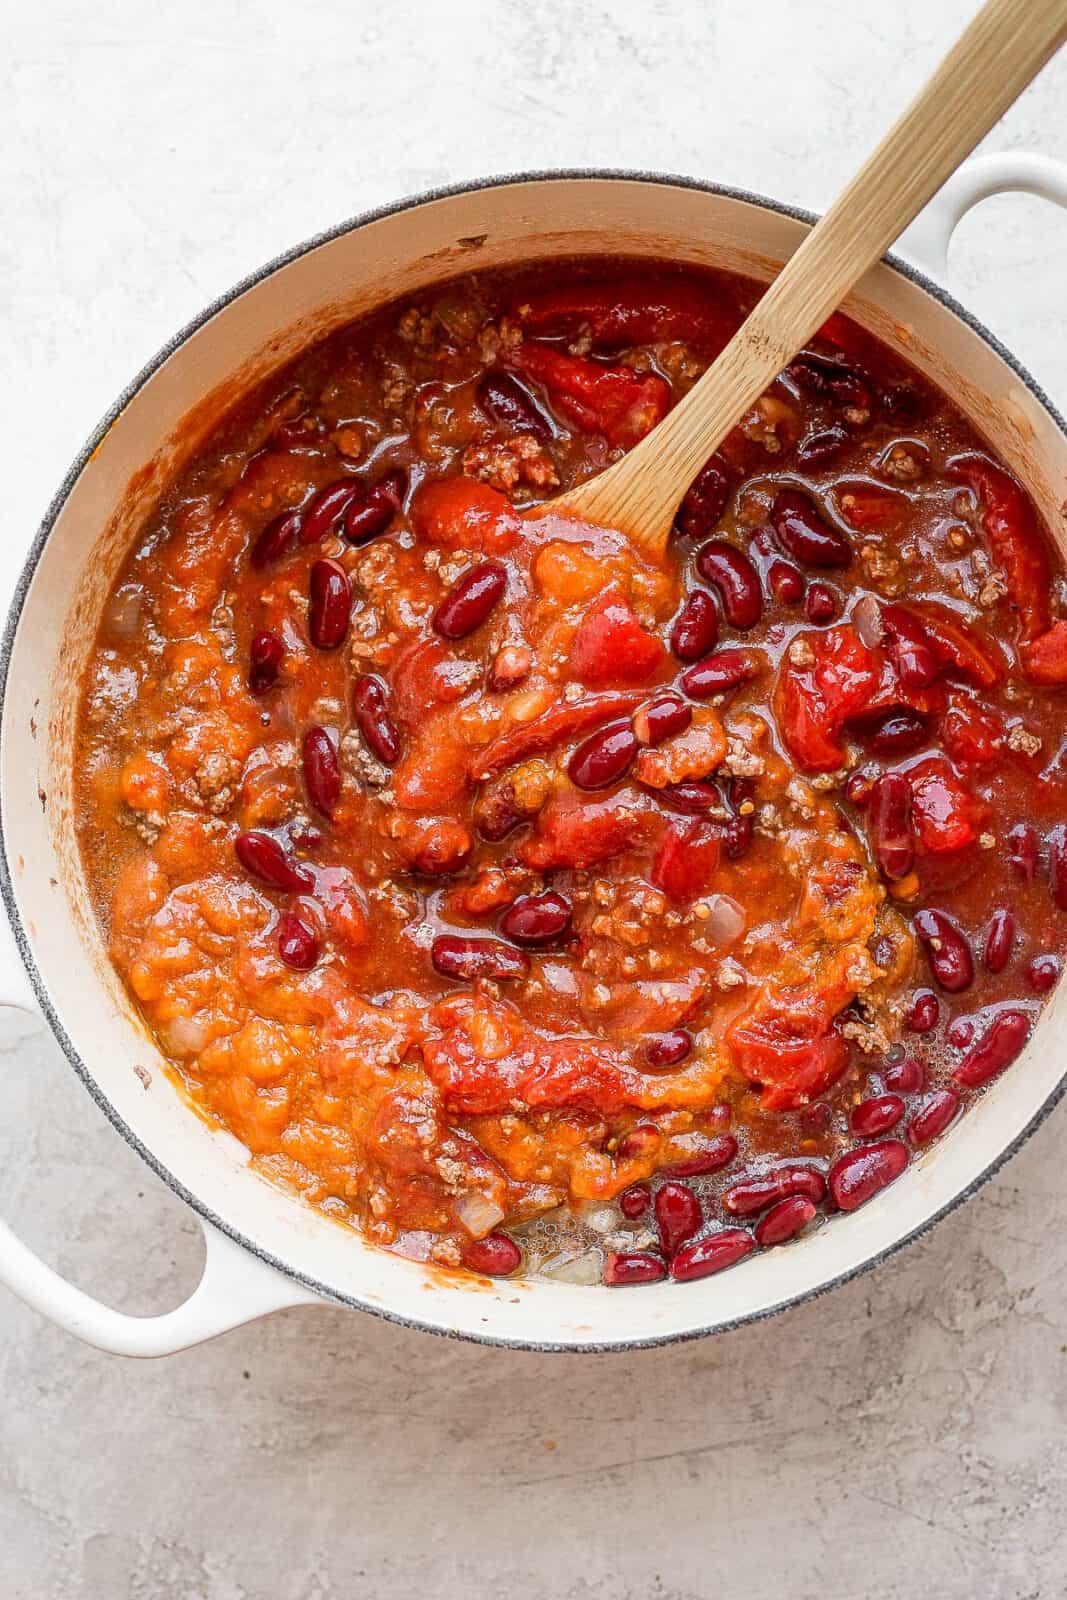 Pumpkin chili in a dutch oven.